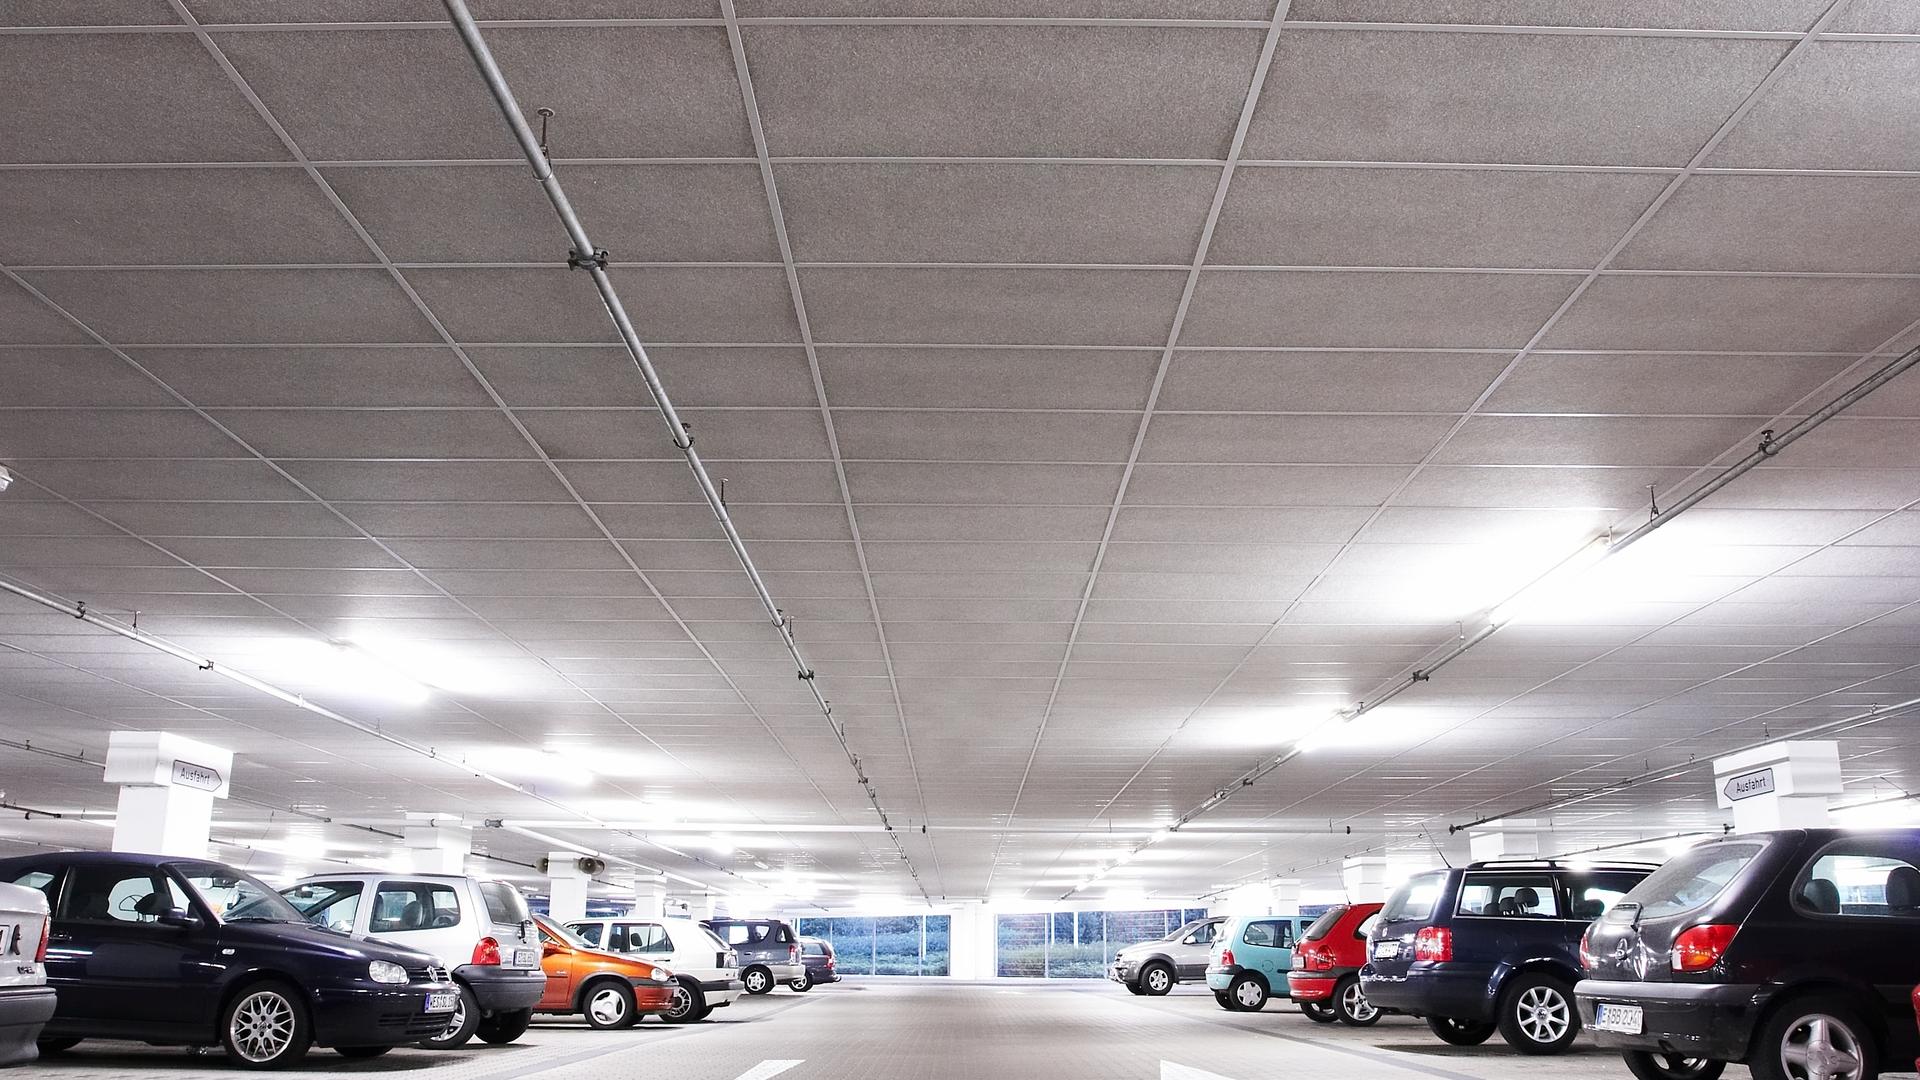 Parkhaus Parking Garage Facett A-edge 1200x600 ROCKFON